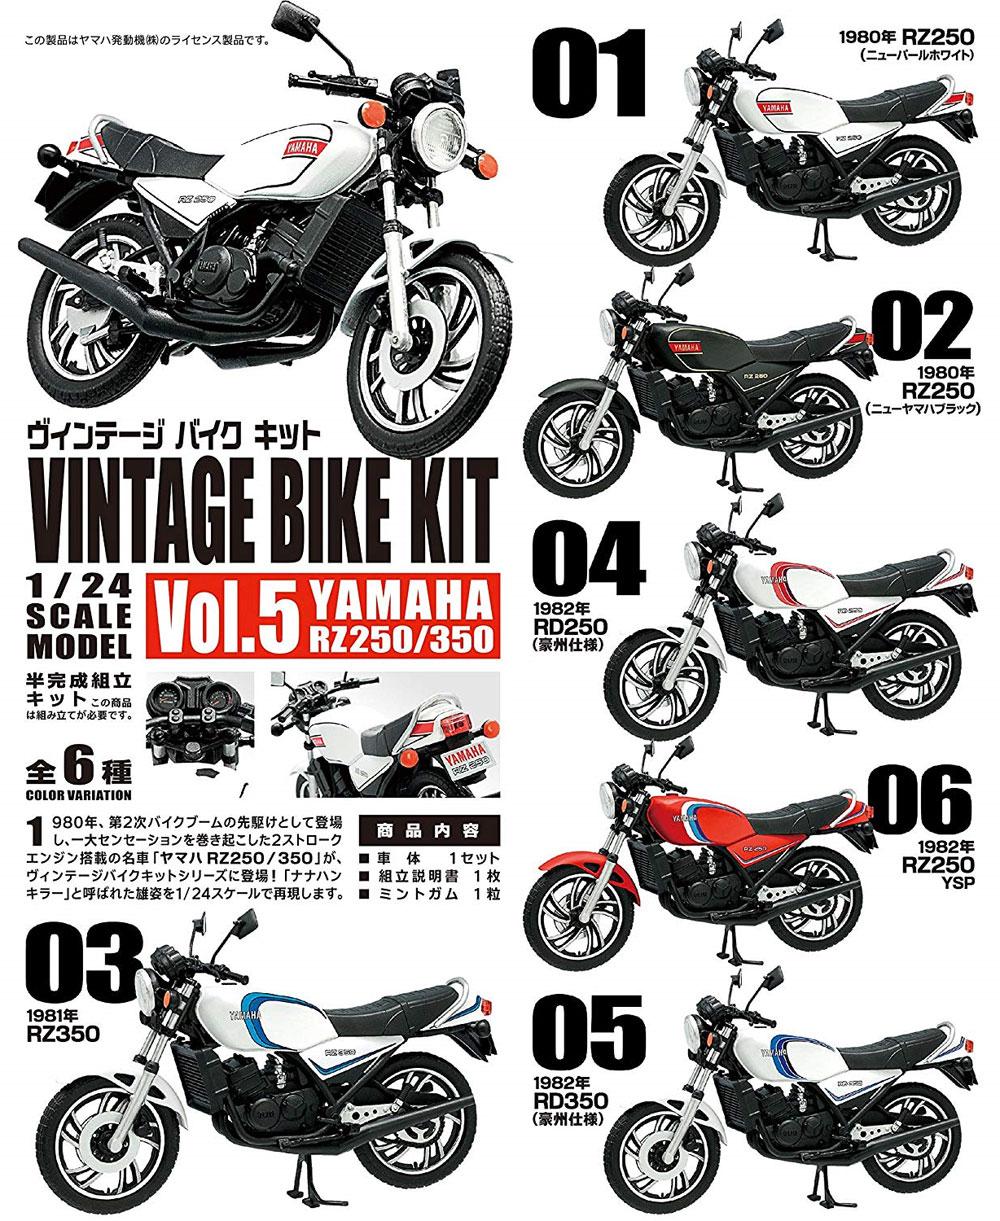 ヤマハ YAMAHA RZ250/350 (1BOX)プラモデル(エフトイズヴィンテージ バイク キットNo.Vol.005)商品画像_1